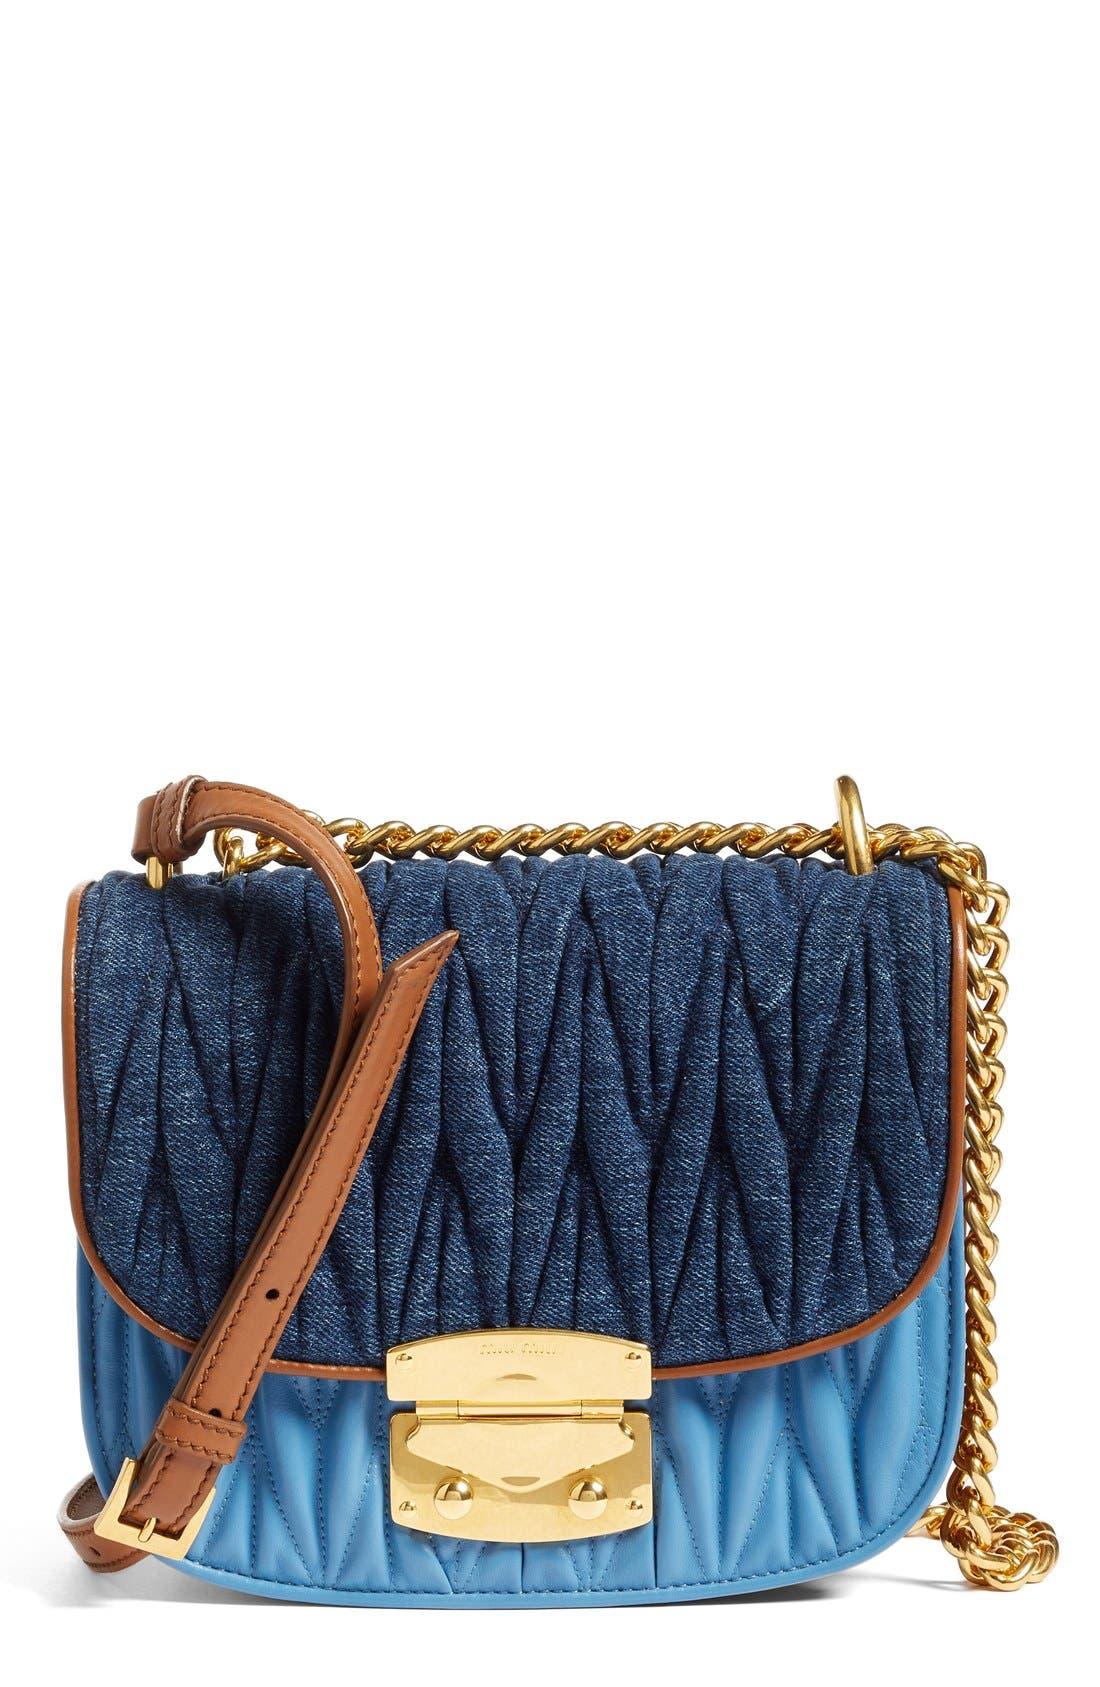 Main Image - Miu Miu Matelassé Crossbody Bag